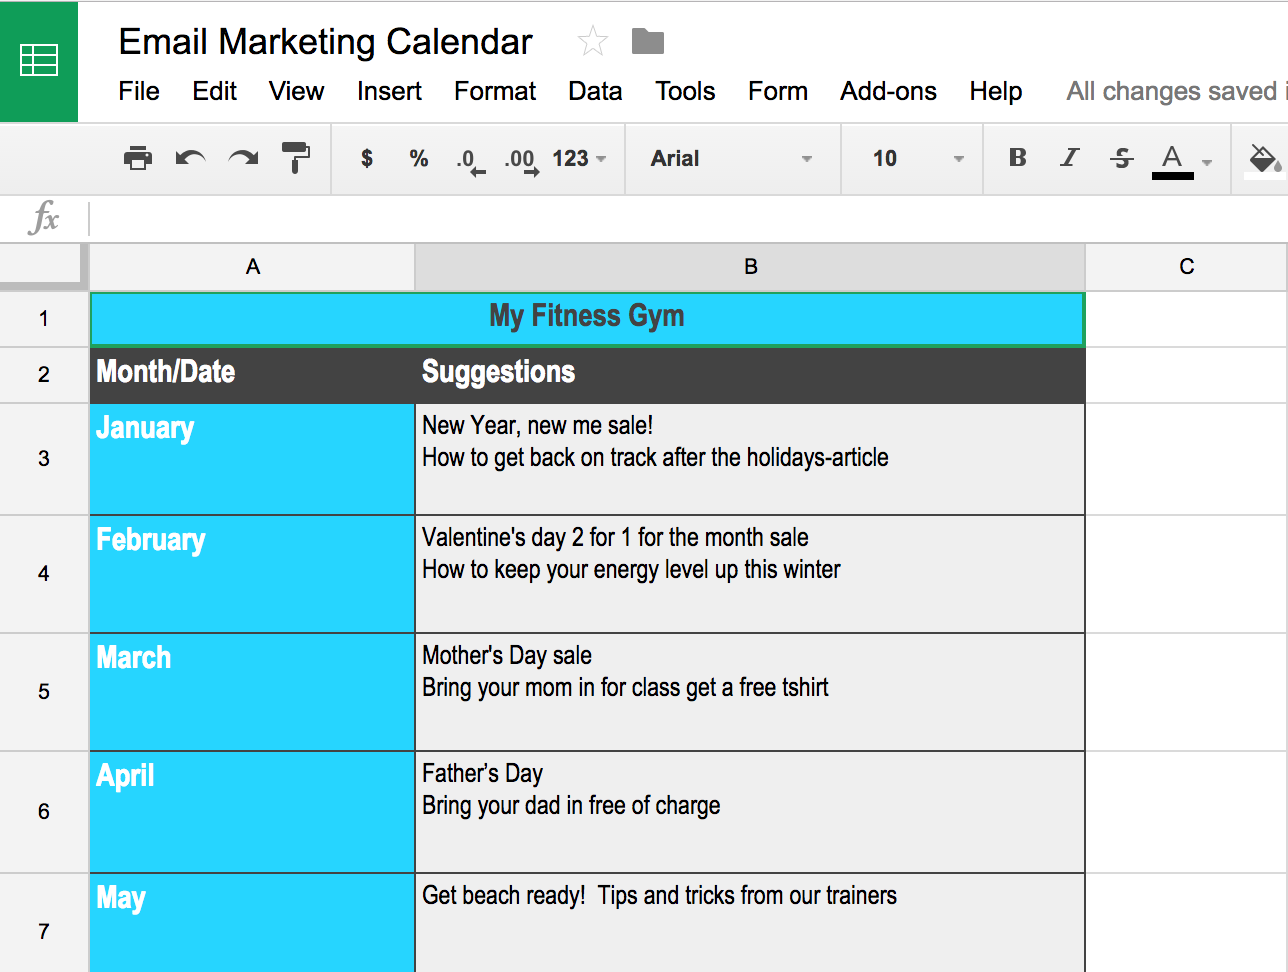 Email Marketing Calendar